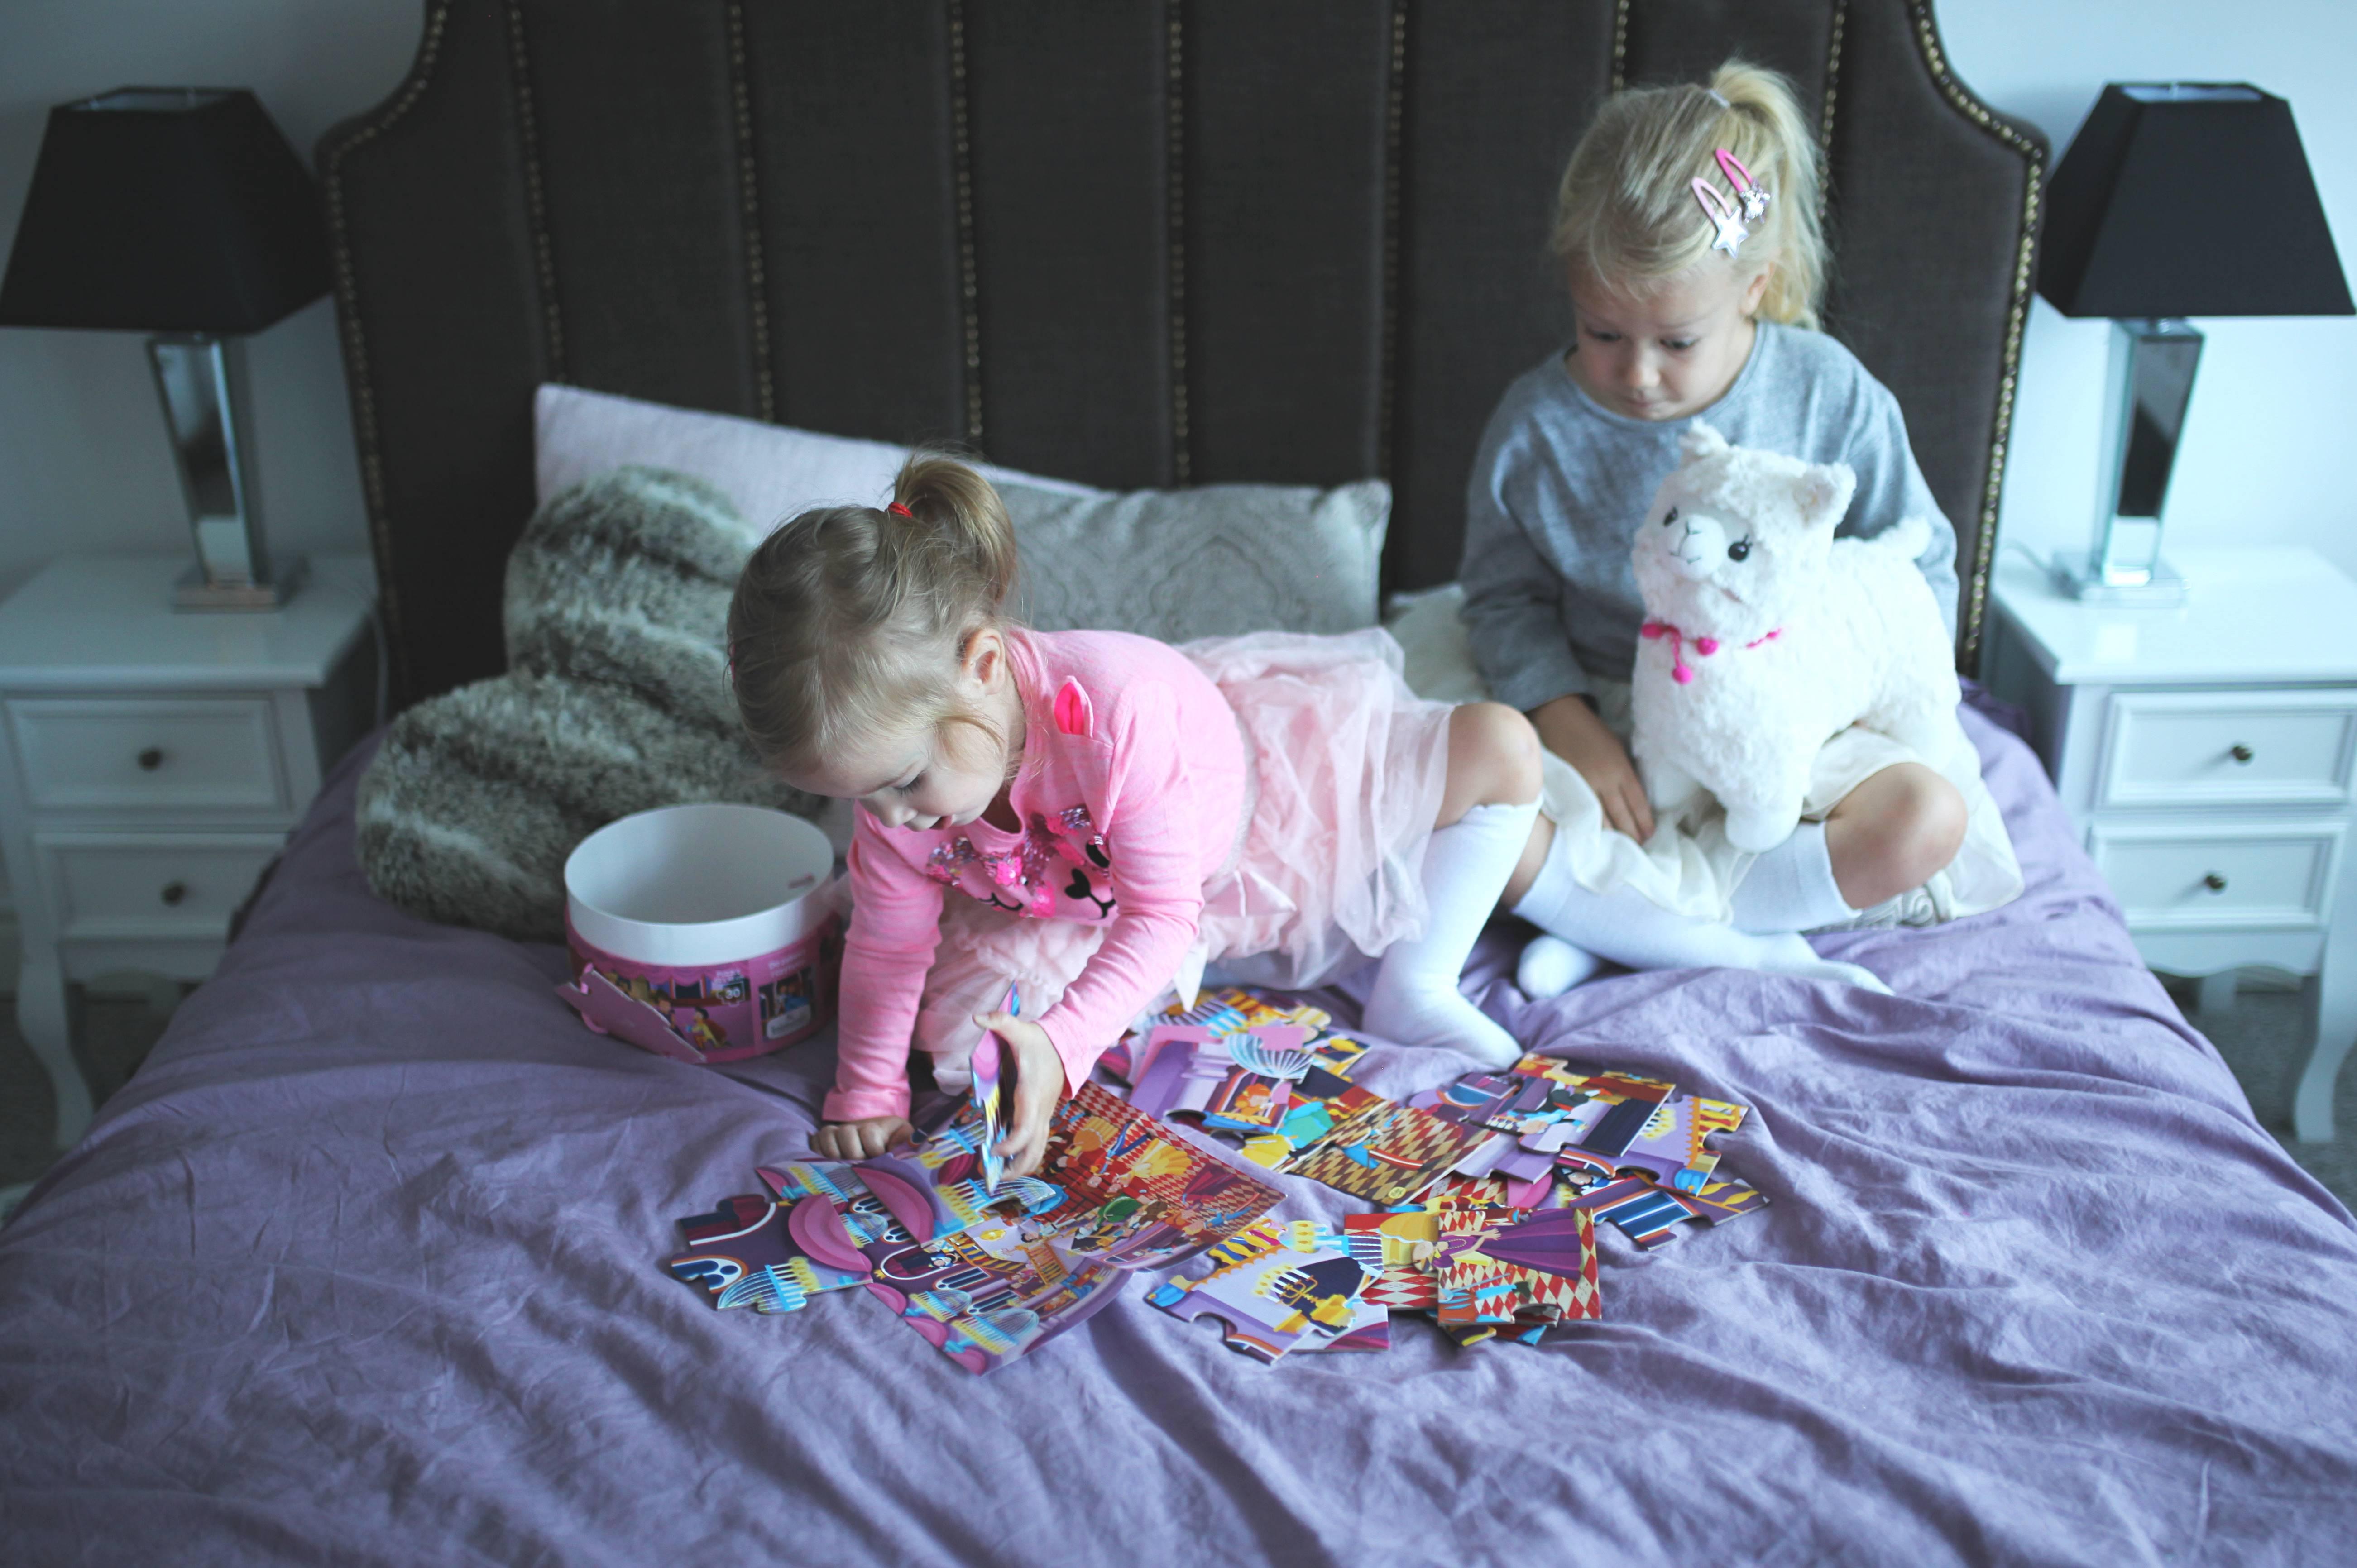 jak rozwijac pasje dziecka